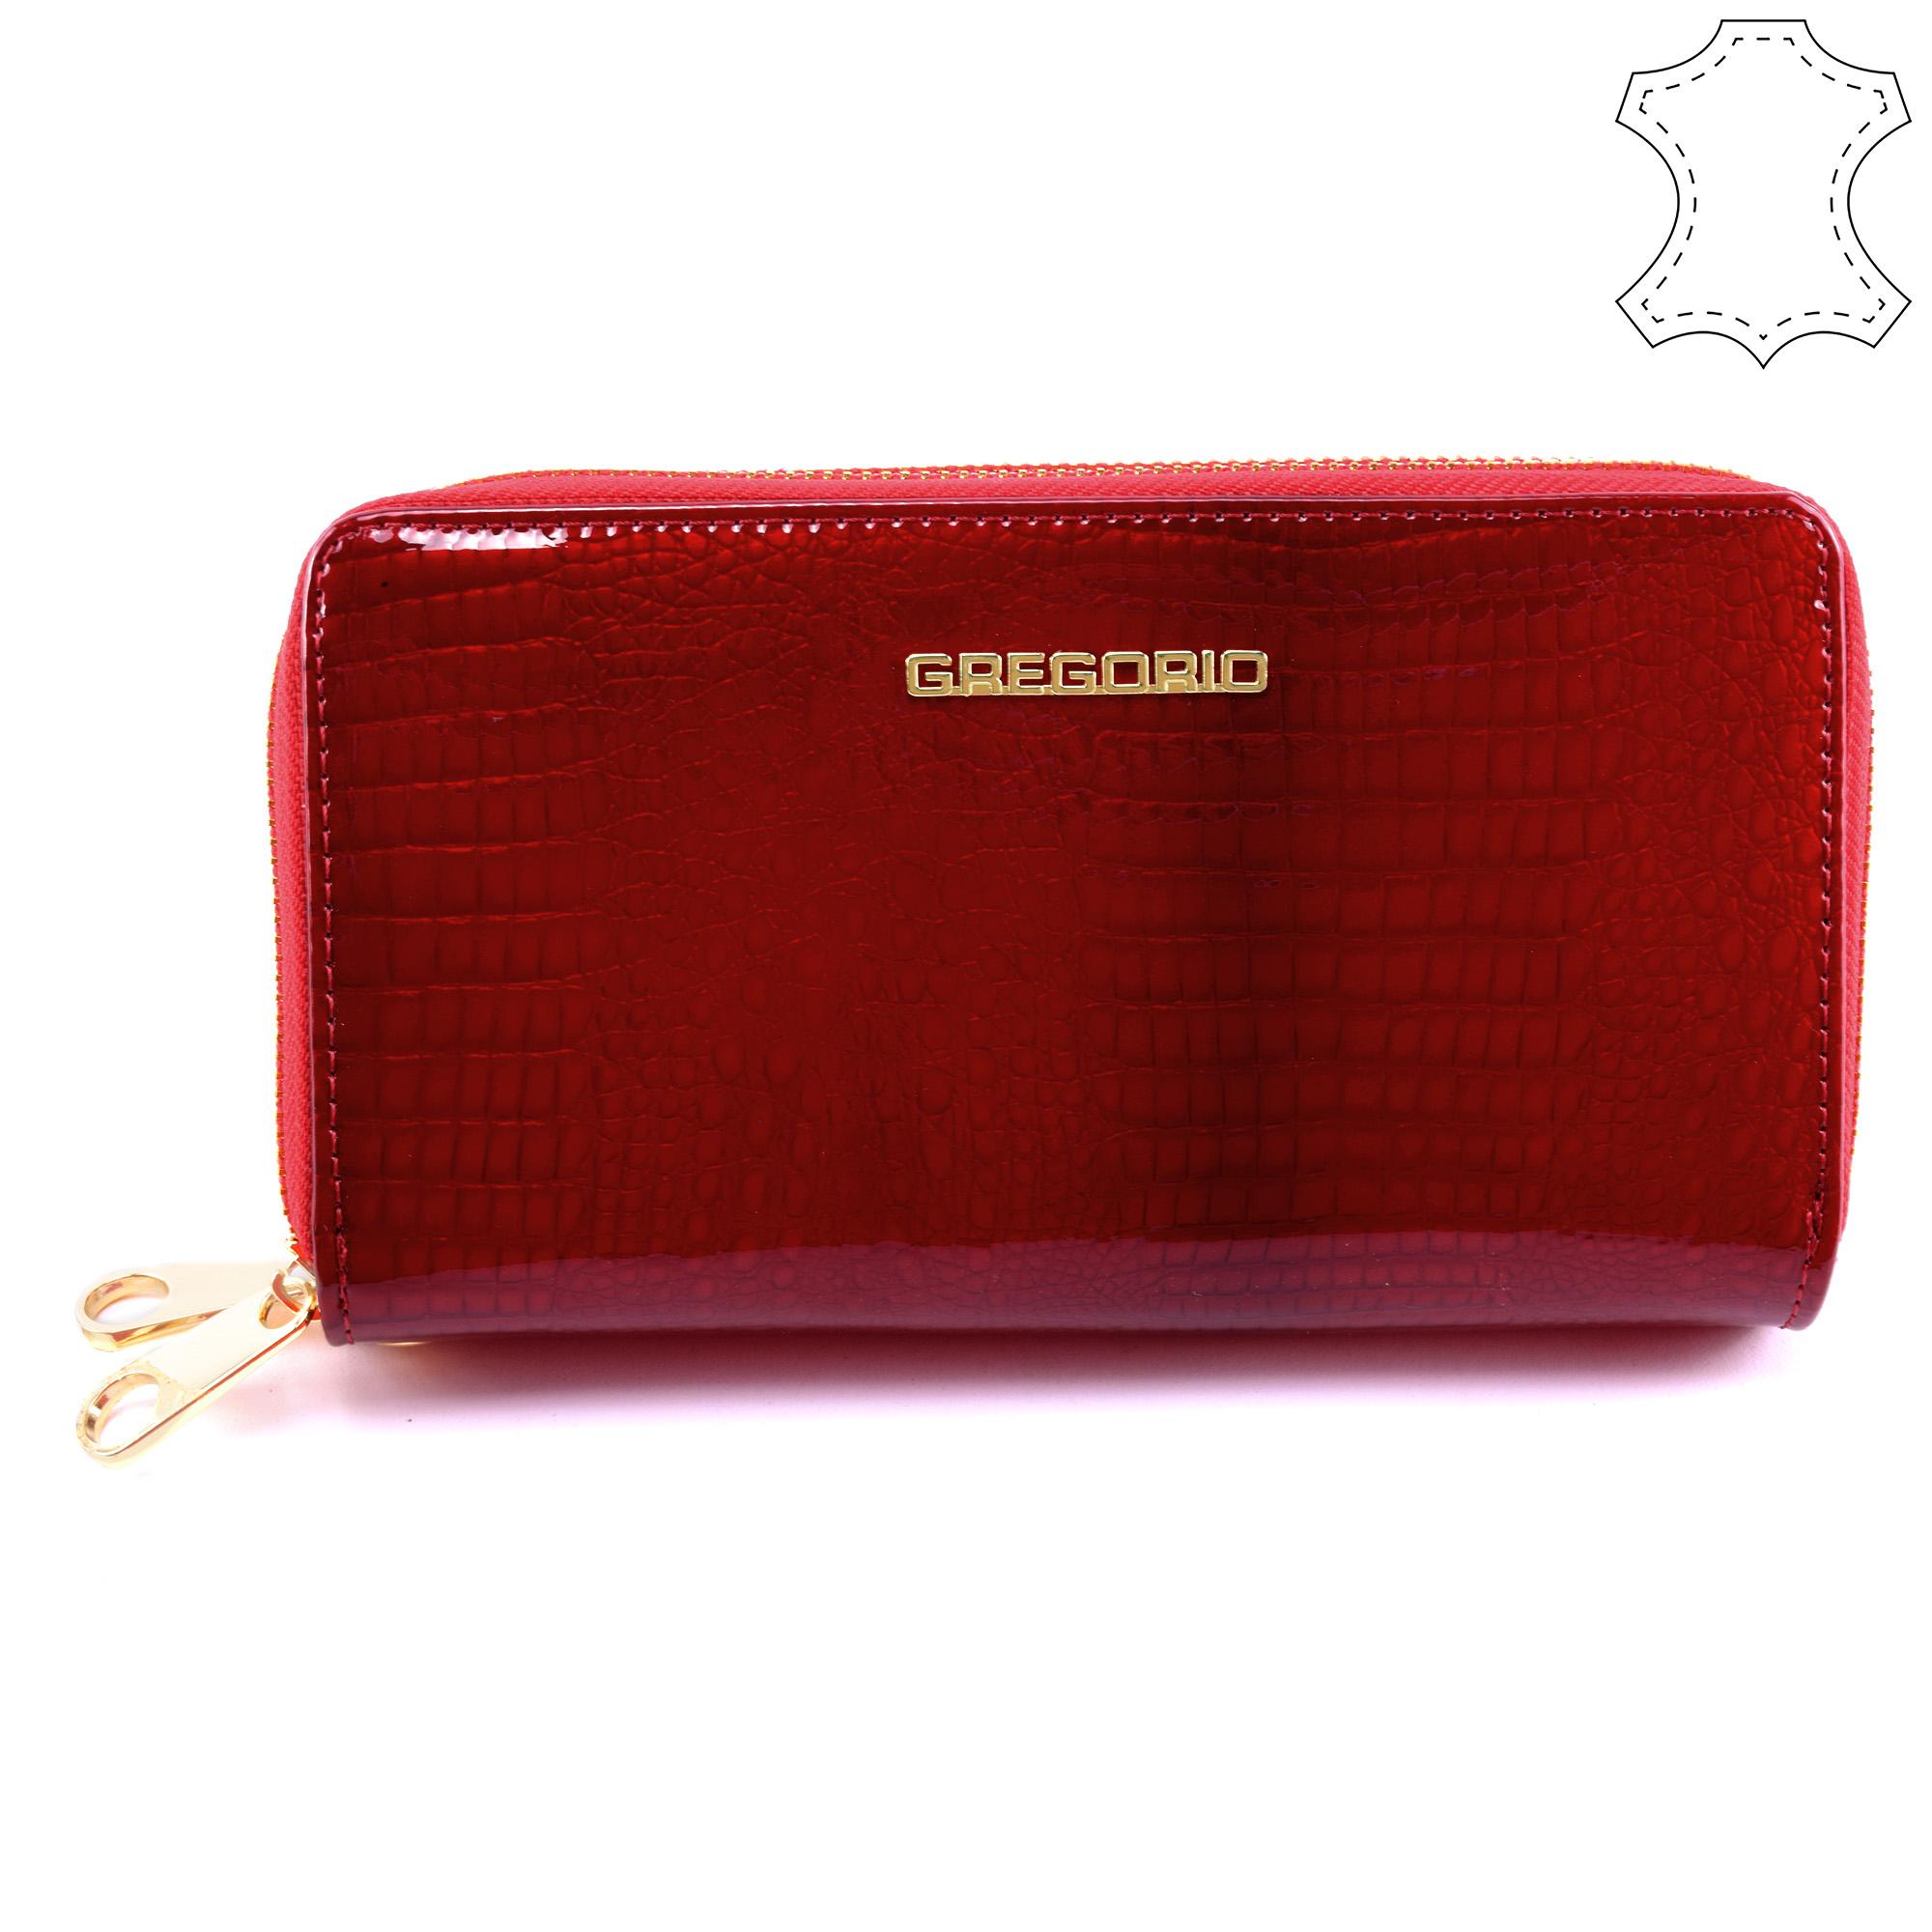 2f5859376d Gregorio piros női lakkbőr pénztárca - NŐI PÉNZTÁRCÁK - Táska webáruház - Minőségi  táskák mindenkinek